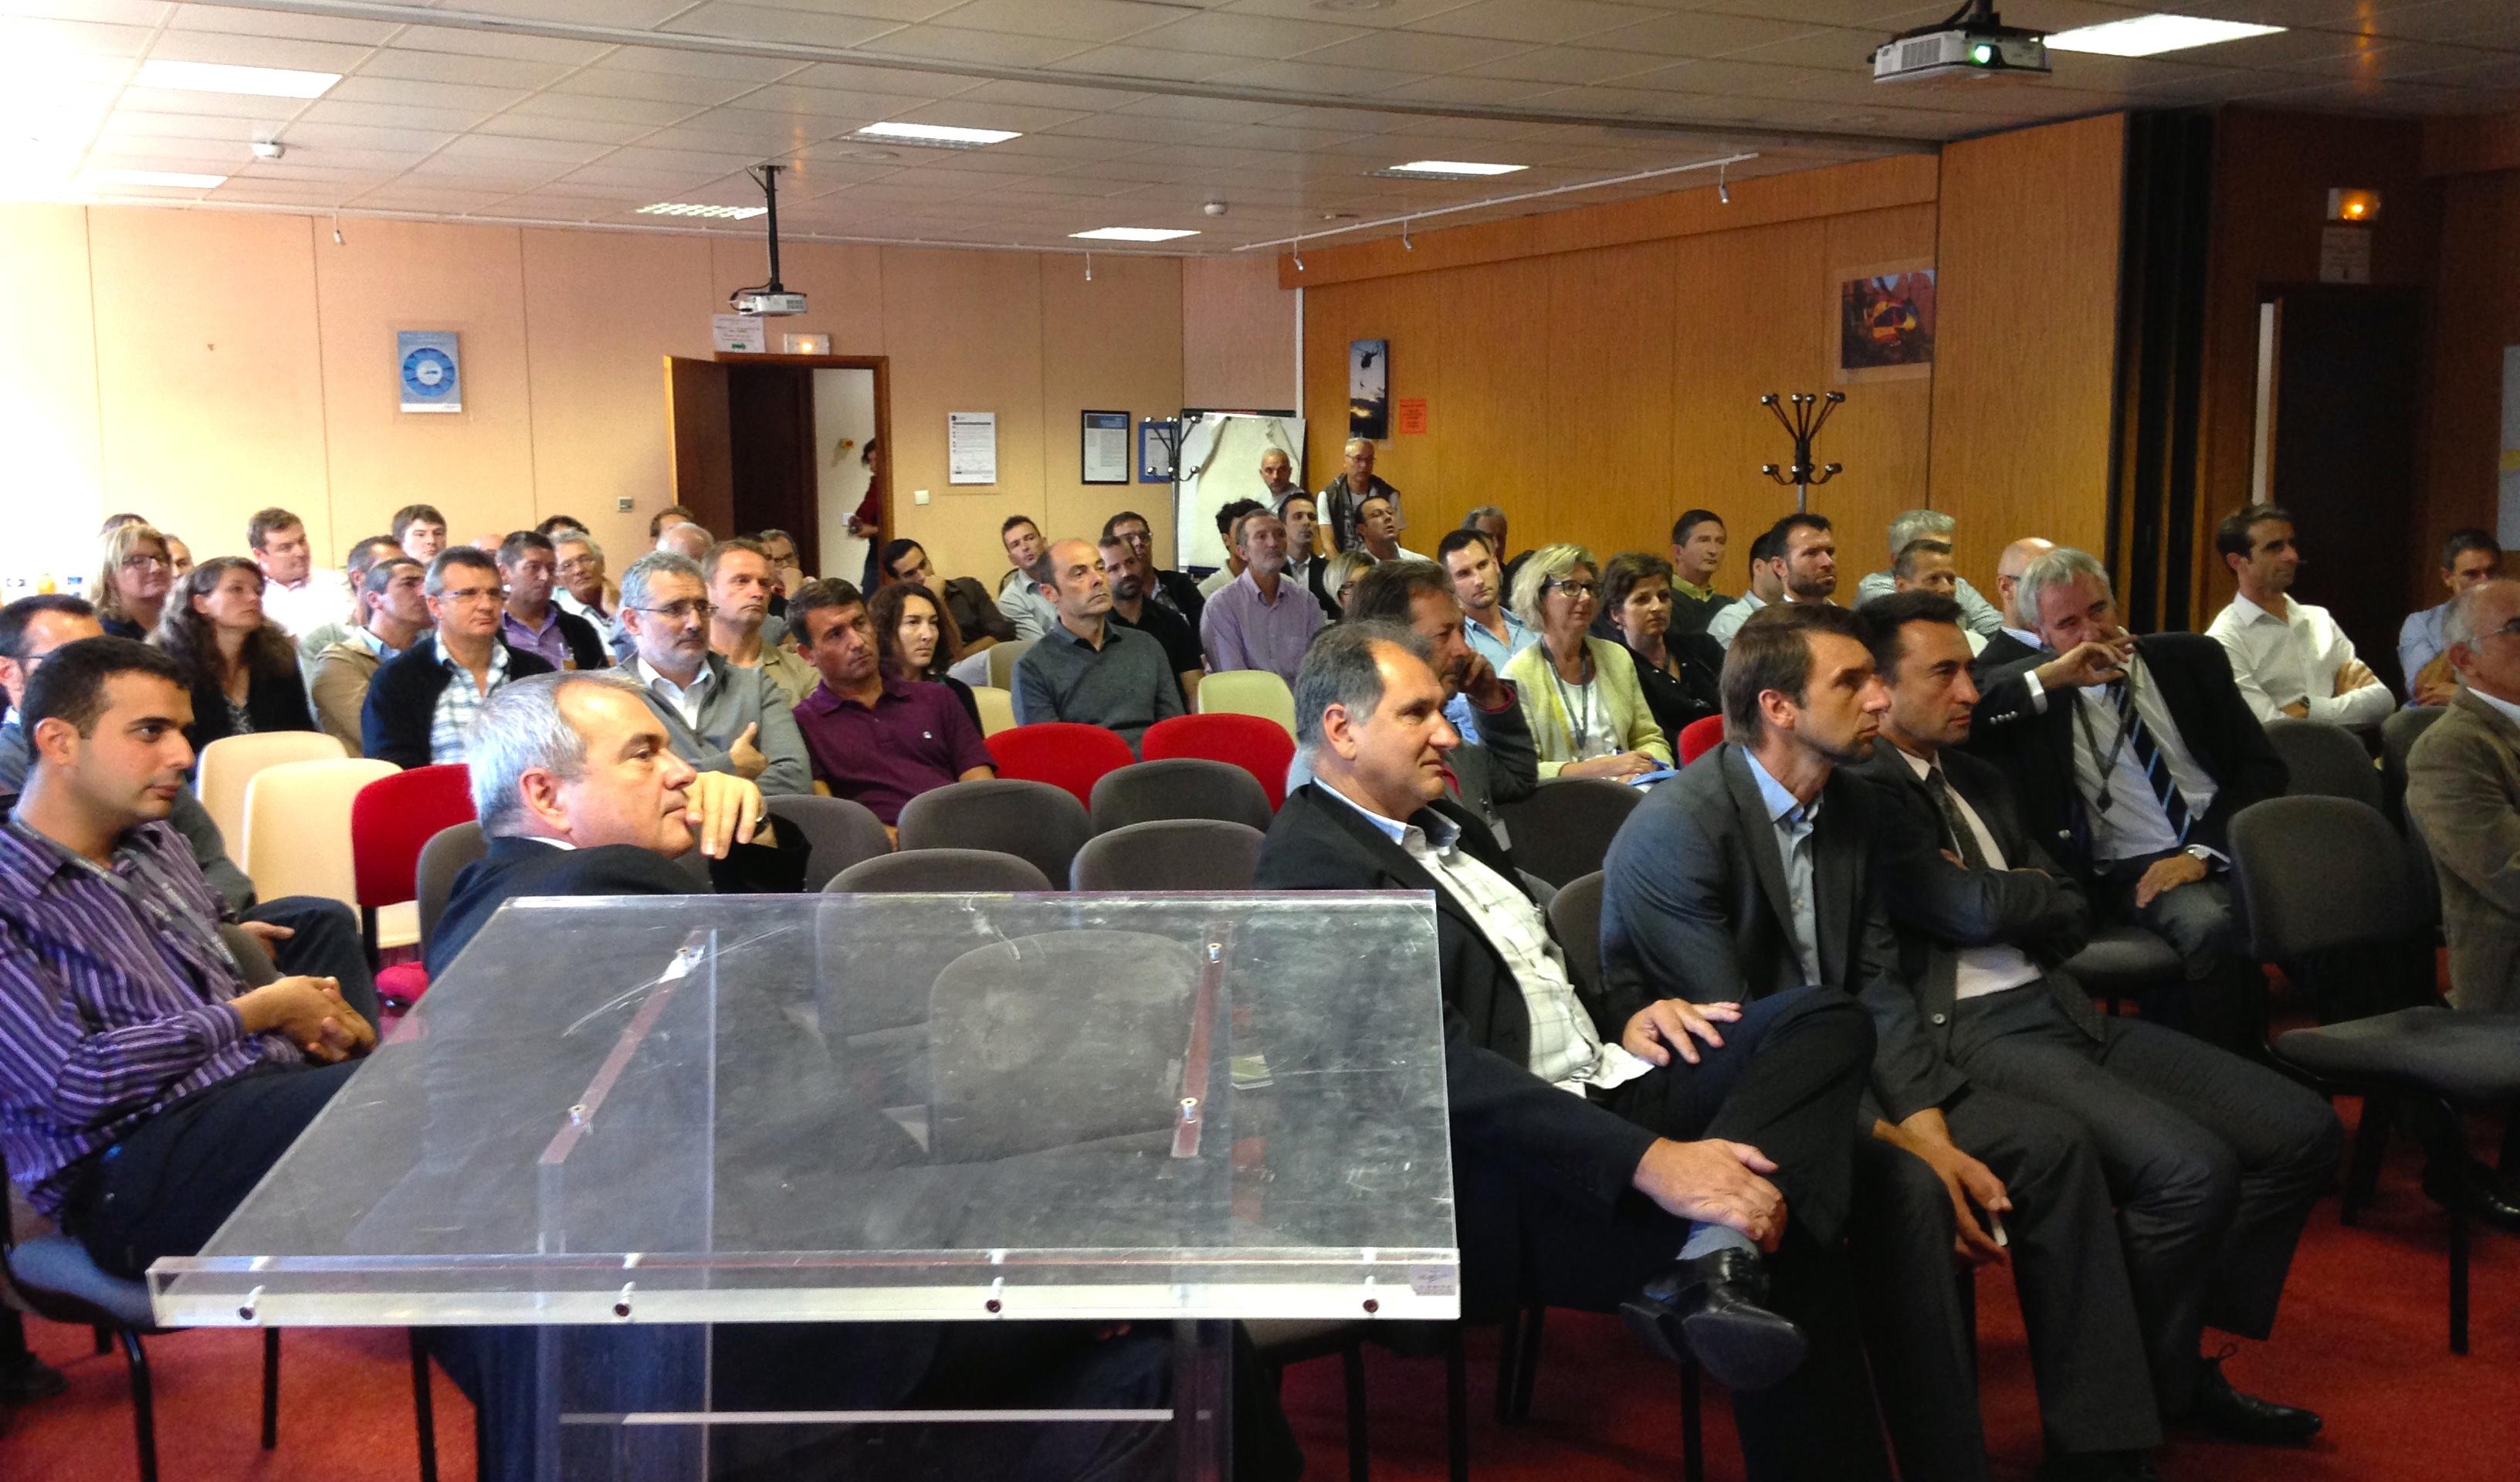 GIE-conference-sport-business-pays-basque-biarritz-marc-lievremont-le-cercle-evenements-21